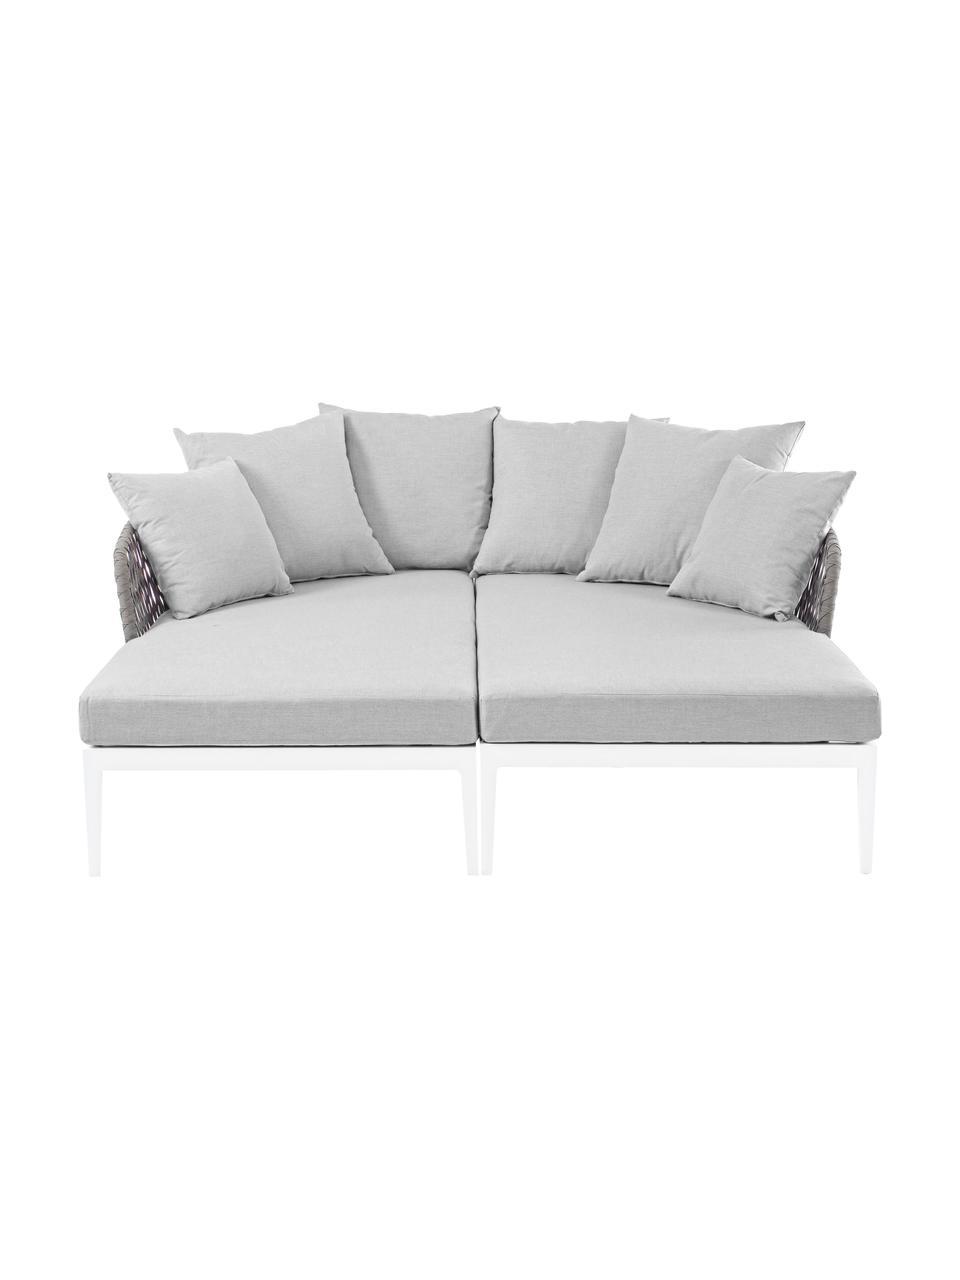 Lits de repos d'extérieur Pelican, 2 pièces, Blanc, gris